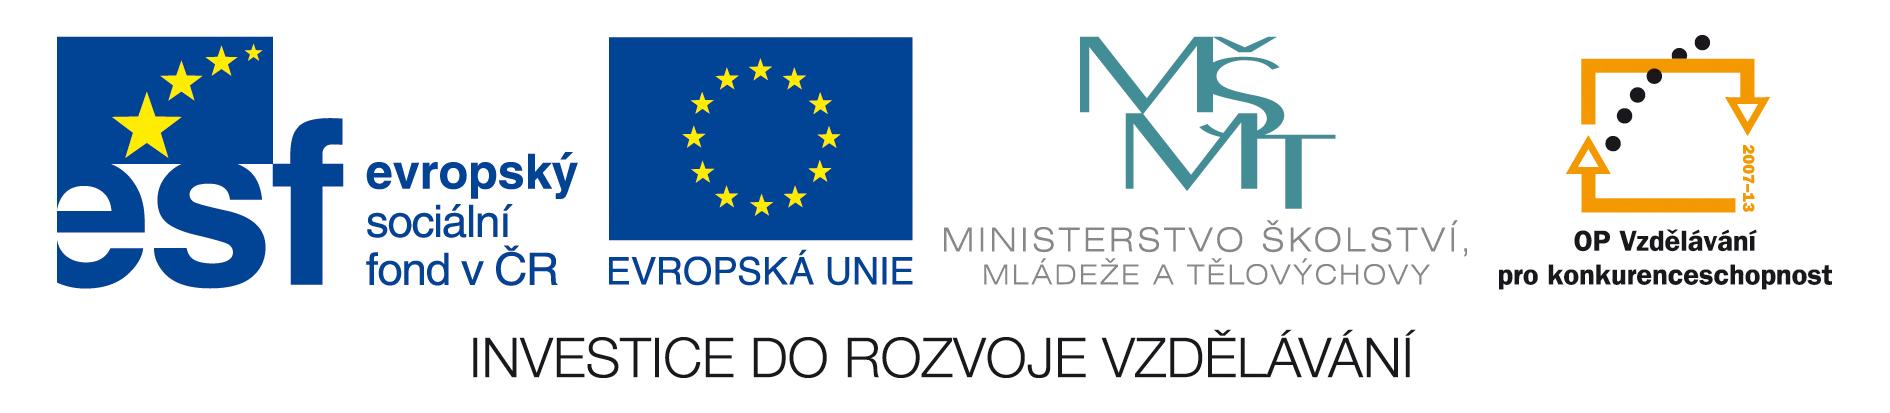 Evropský sociální fond v ČR |  Operační program Vzdělávání pro konkurenceschopnost - www.esfcr.cz